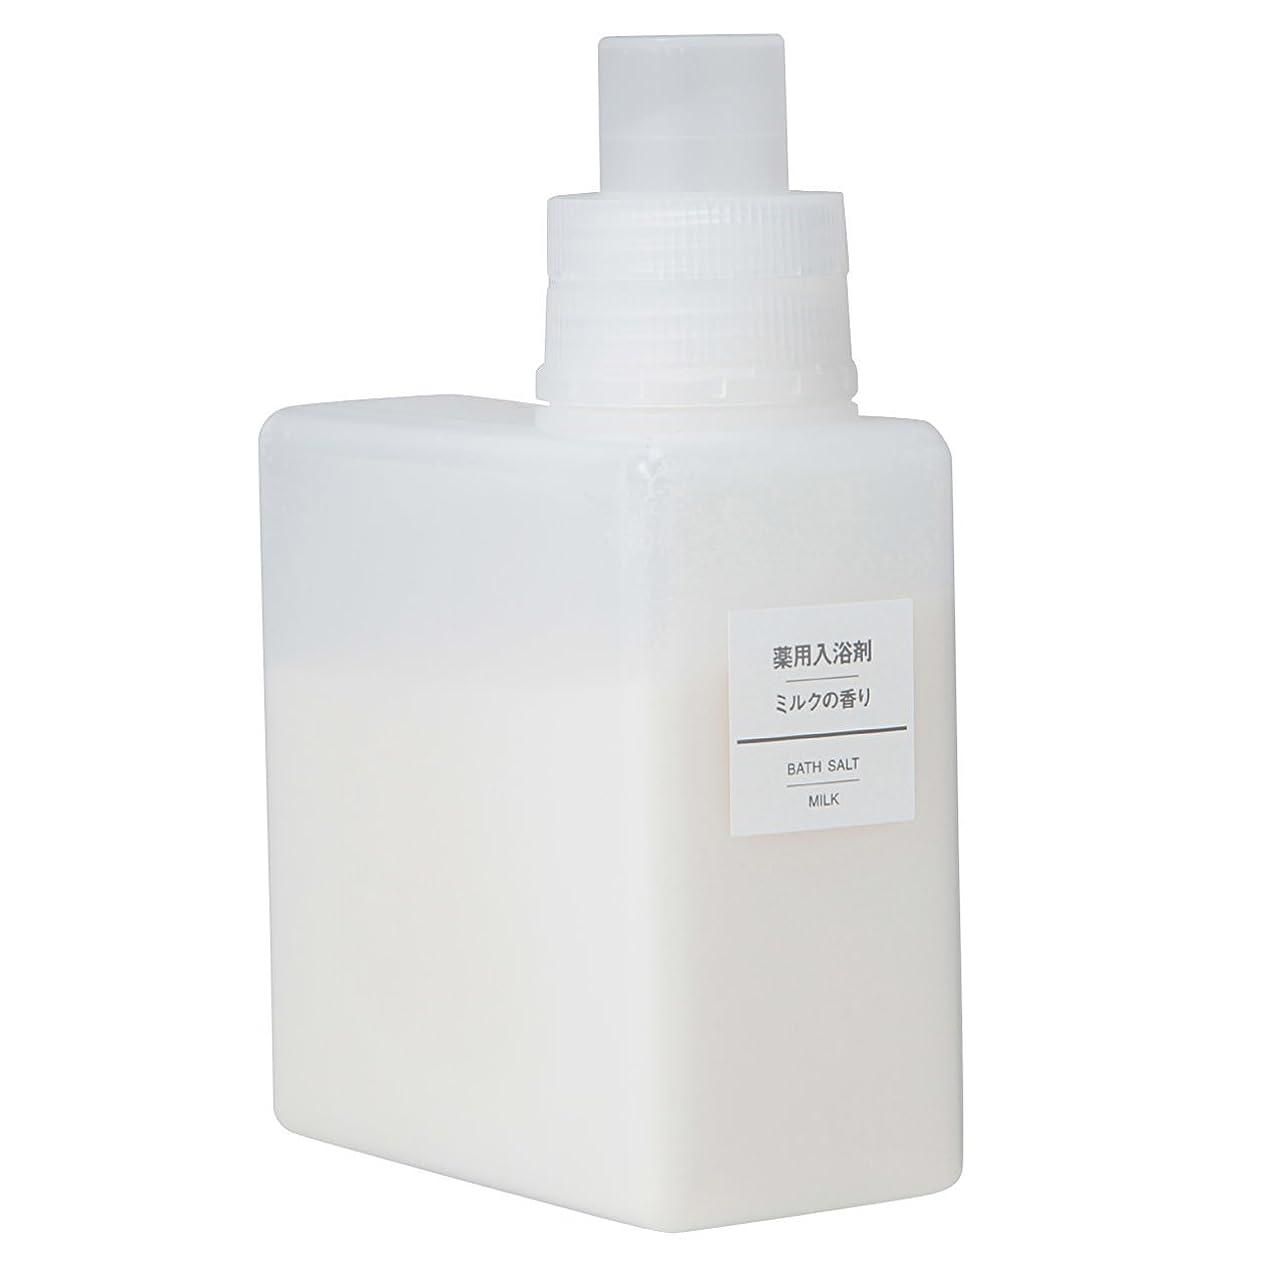 ブランク最も吸収剤無印良品 薬用入浴剤?ミルクの香り (新)500g 日本製